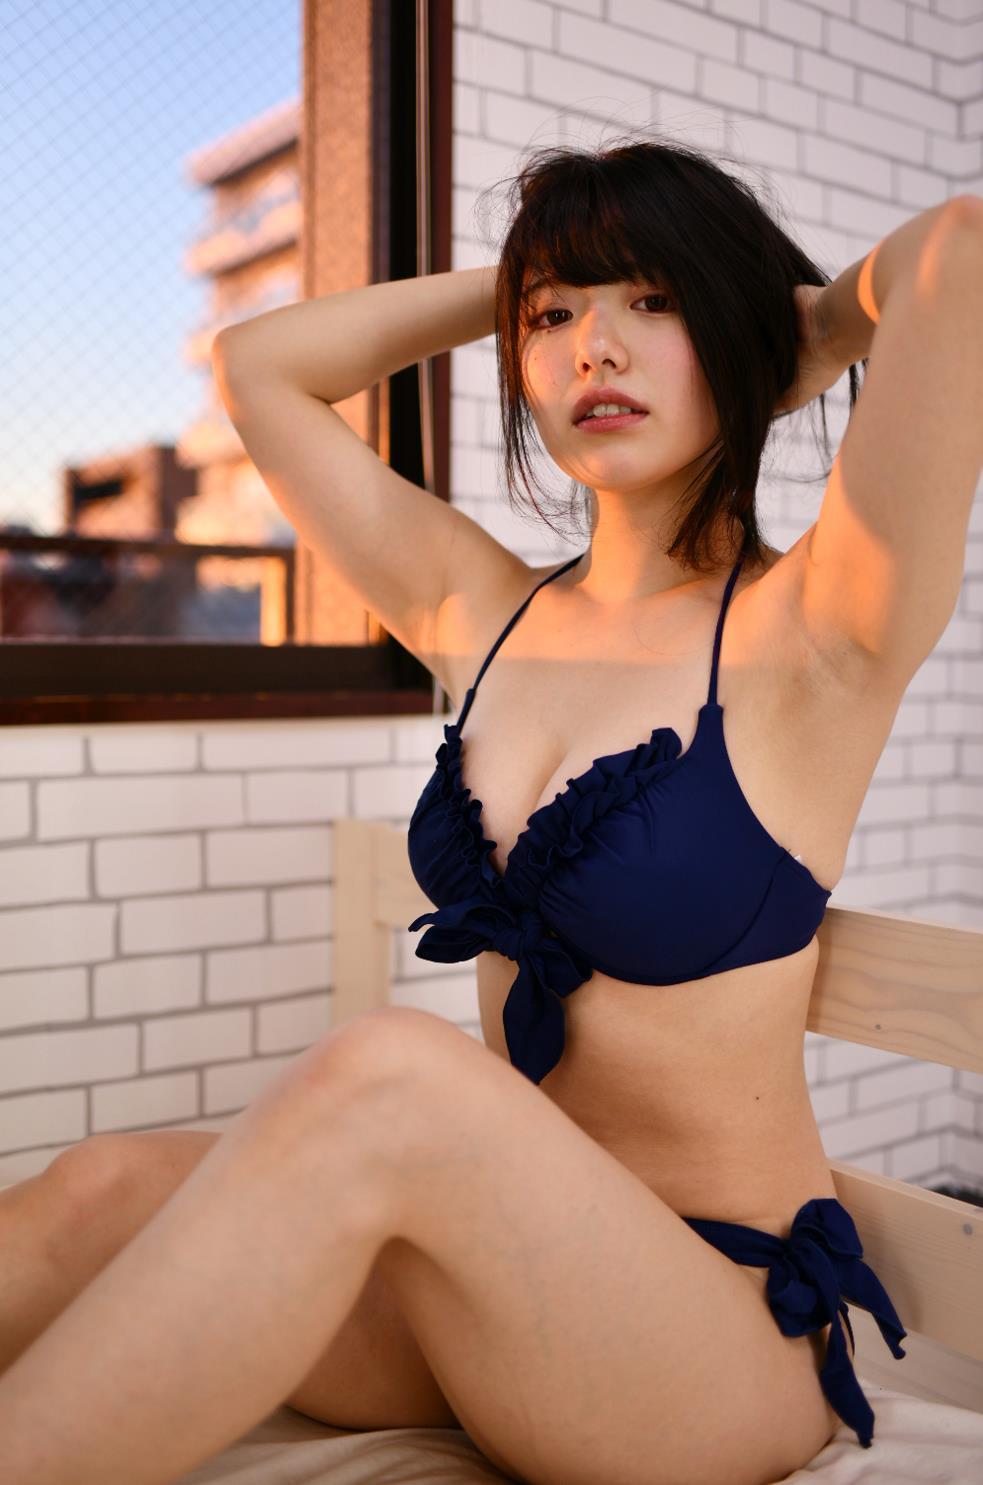 山田かなのツルスベボツ腋 (6)